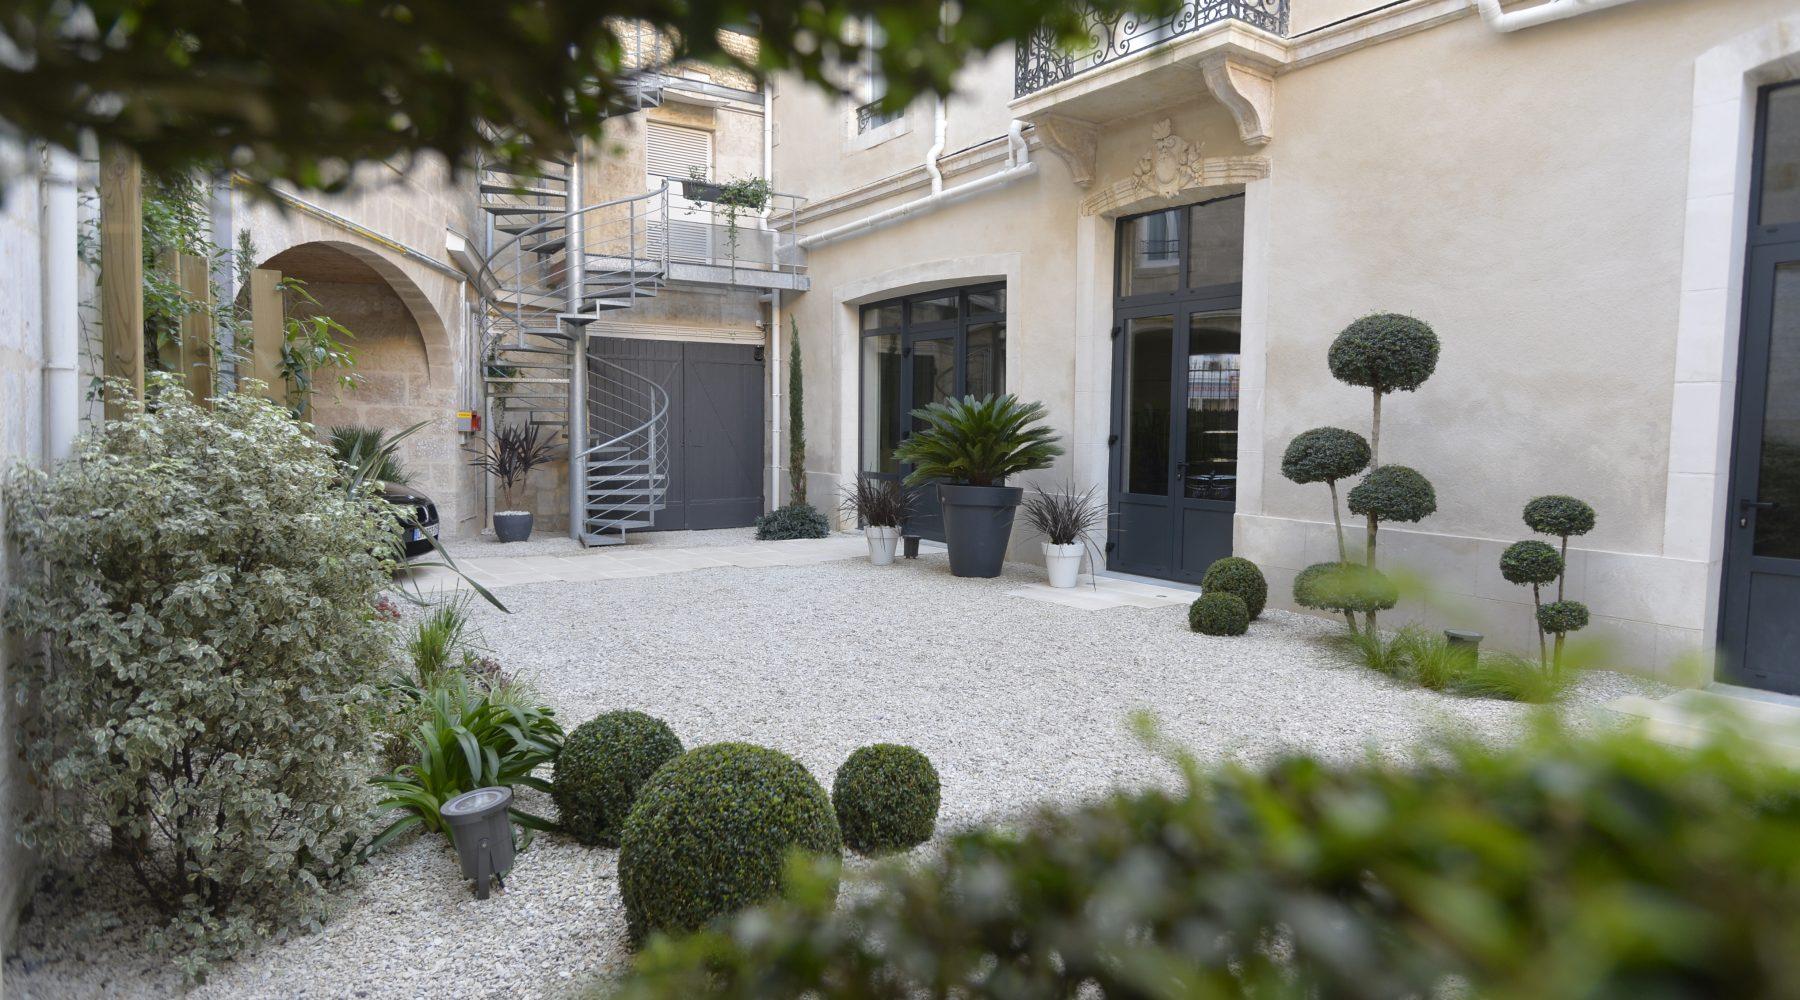 Jardin de l'hôtel France Hôtel